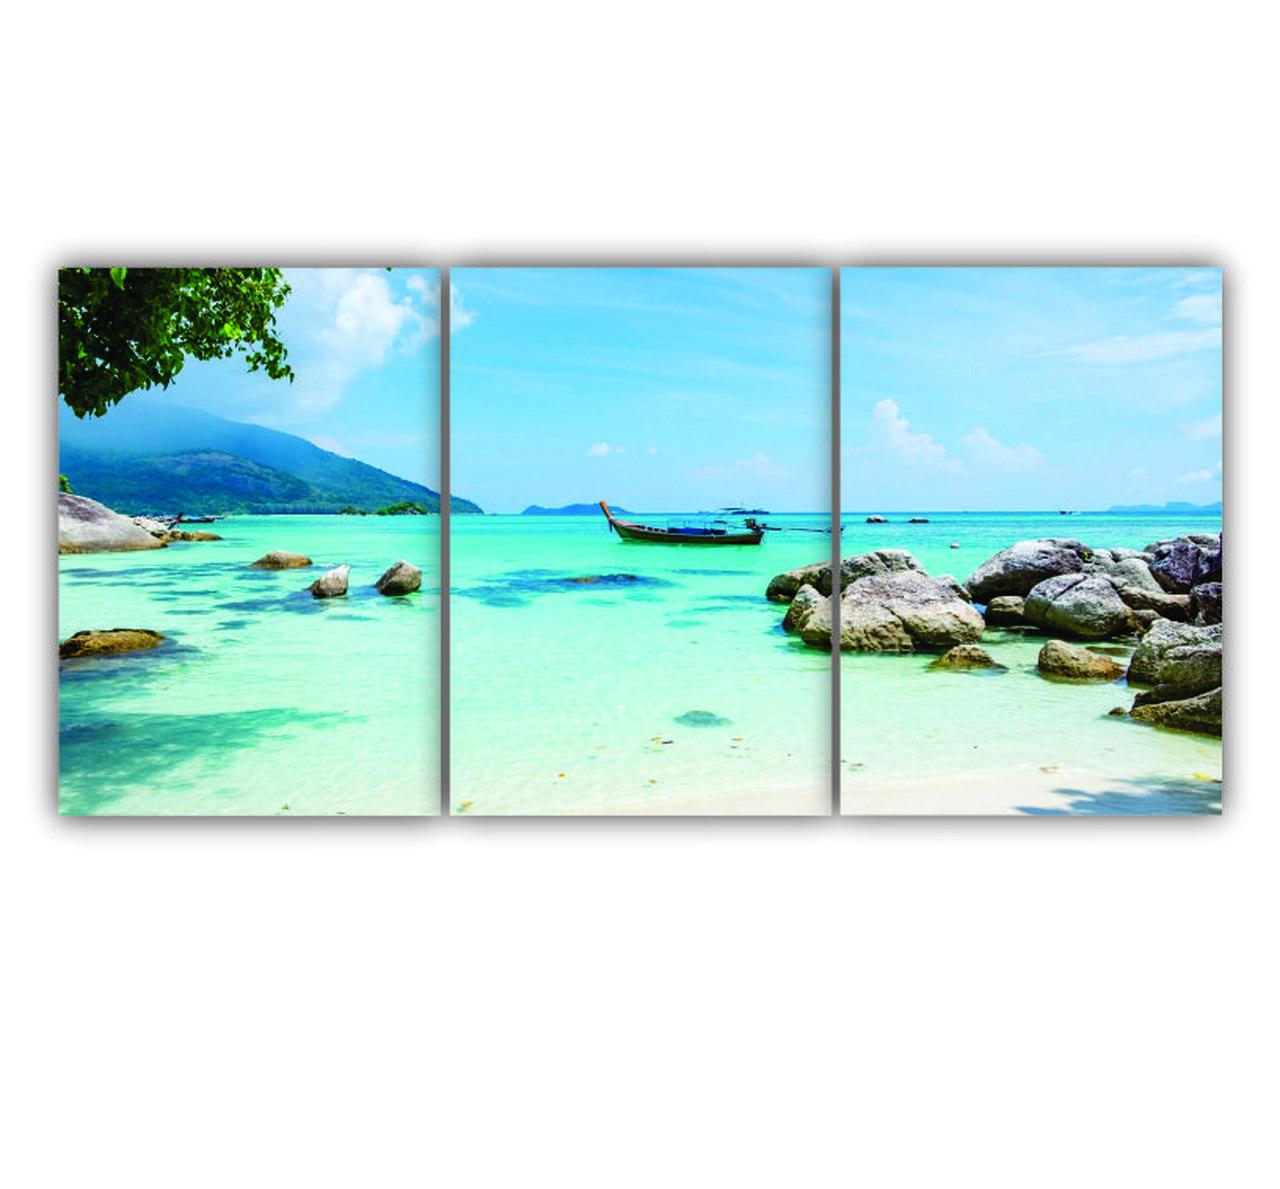 Quadro Paisagem Praia Deserta - Kit 3 telas